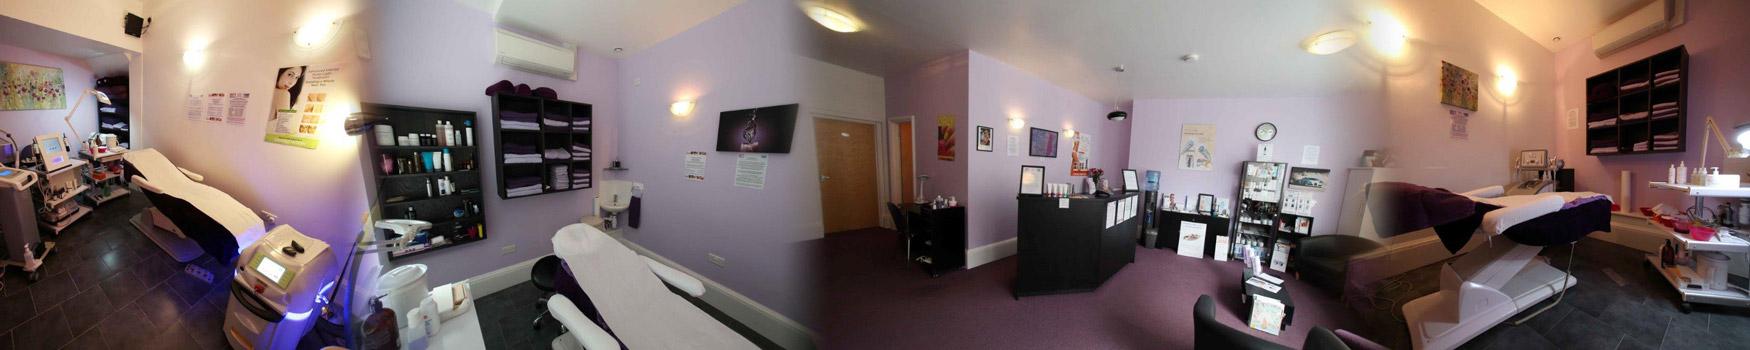 inside-the-clinic-slide